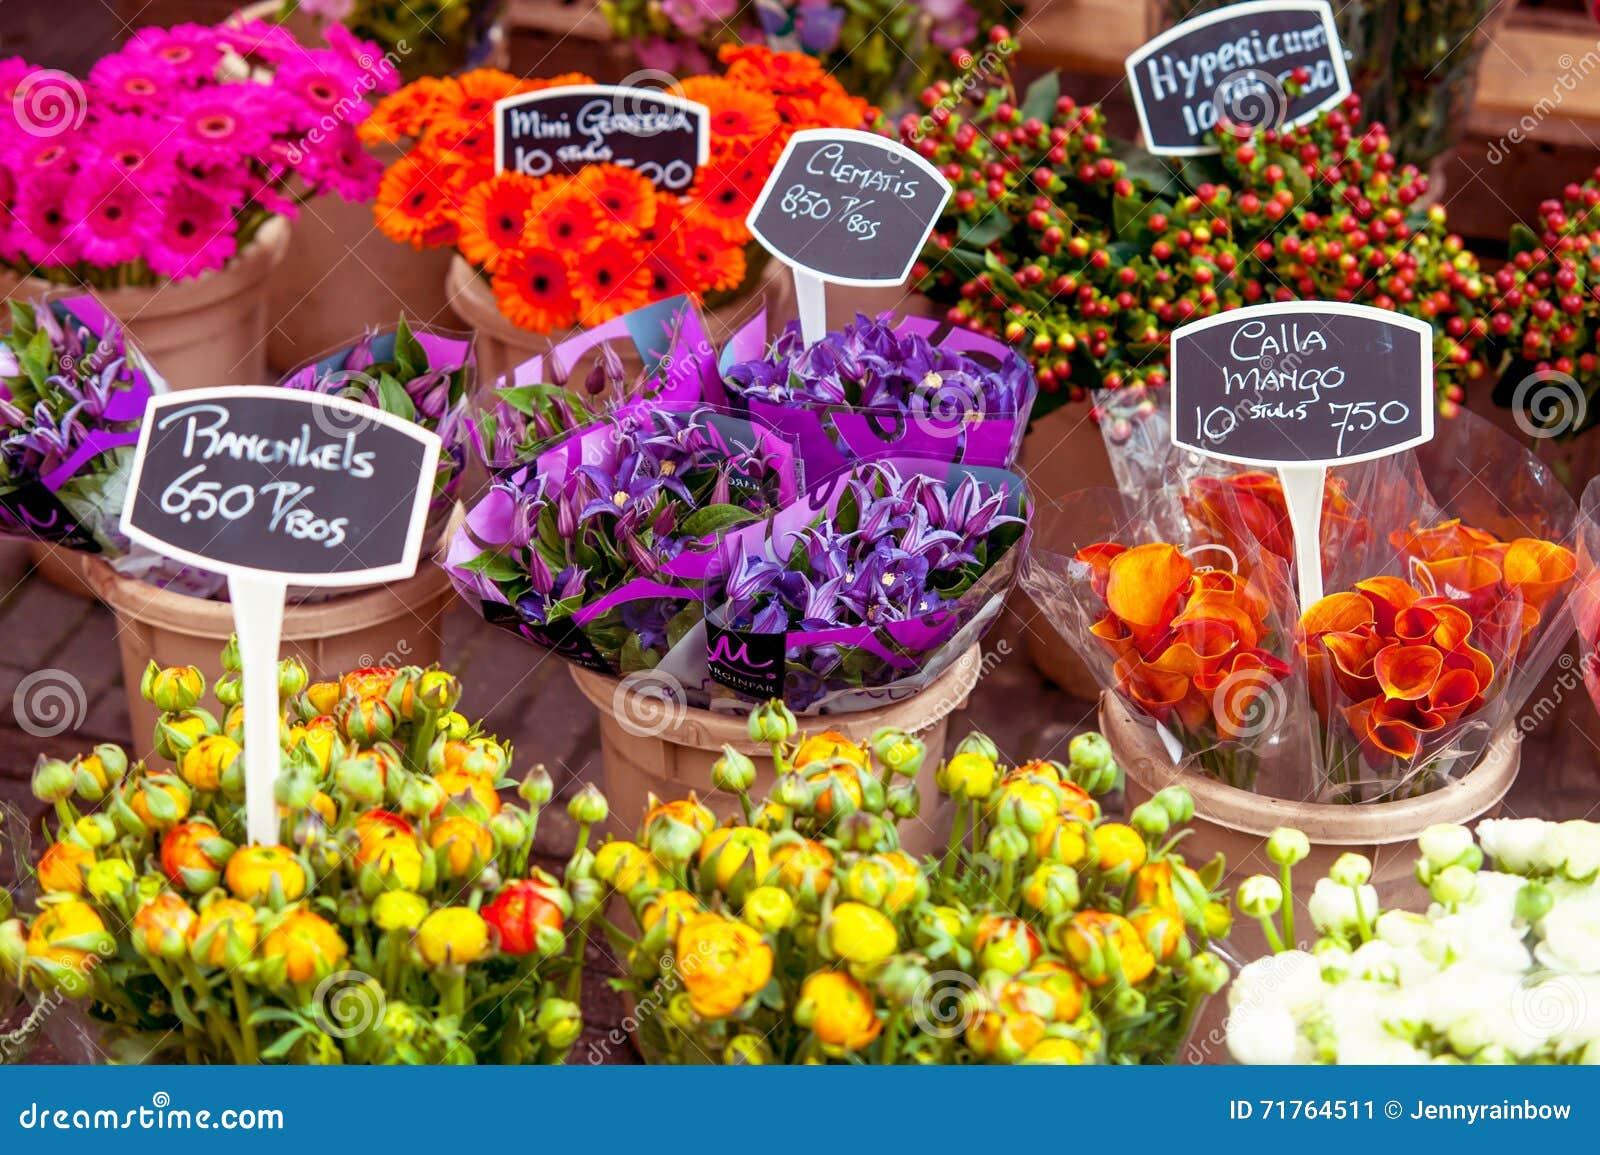 Prezzi Fiori.Esposizione Variopinta Del Mercato Dei Fiori Con I Prezzi Immagine